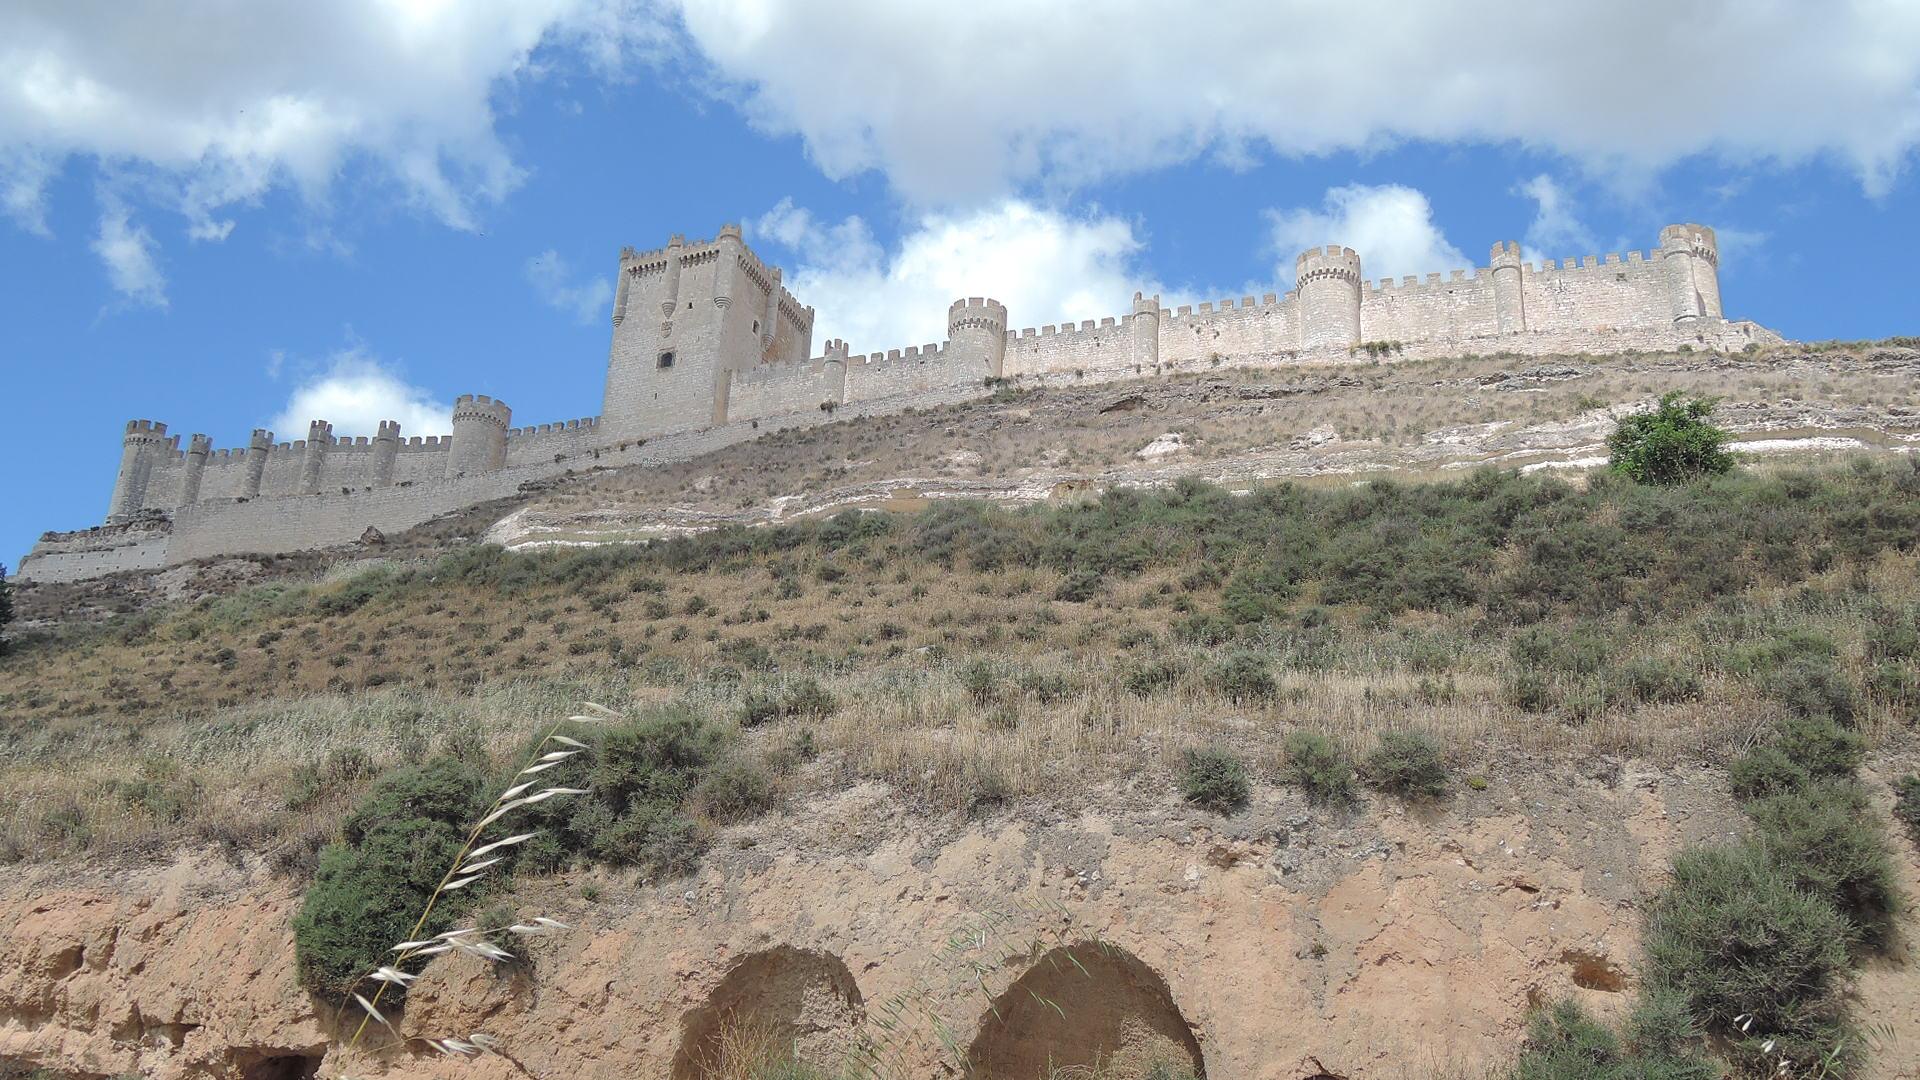 Vista del castillo desde el pie de la loma.